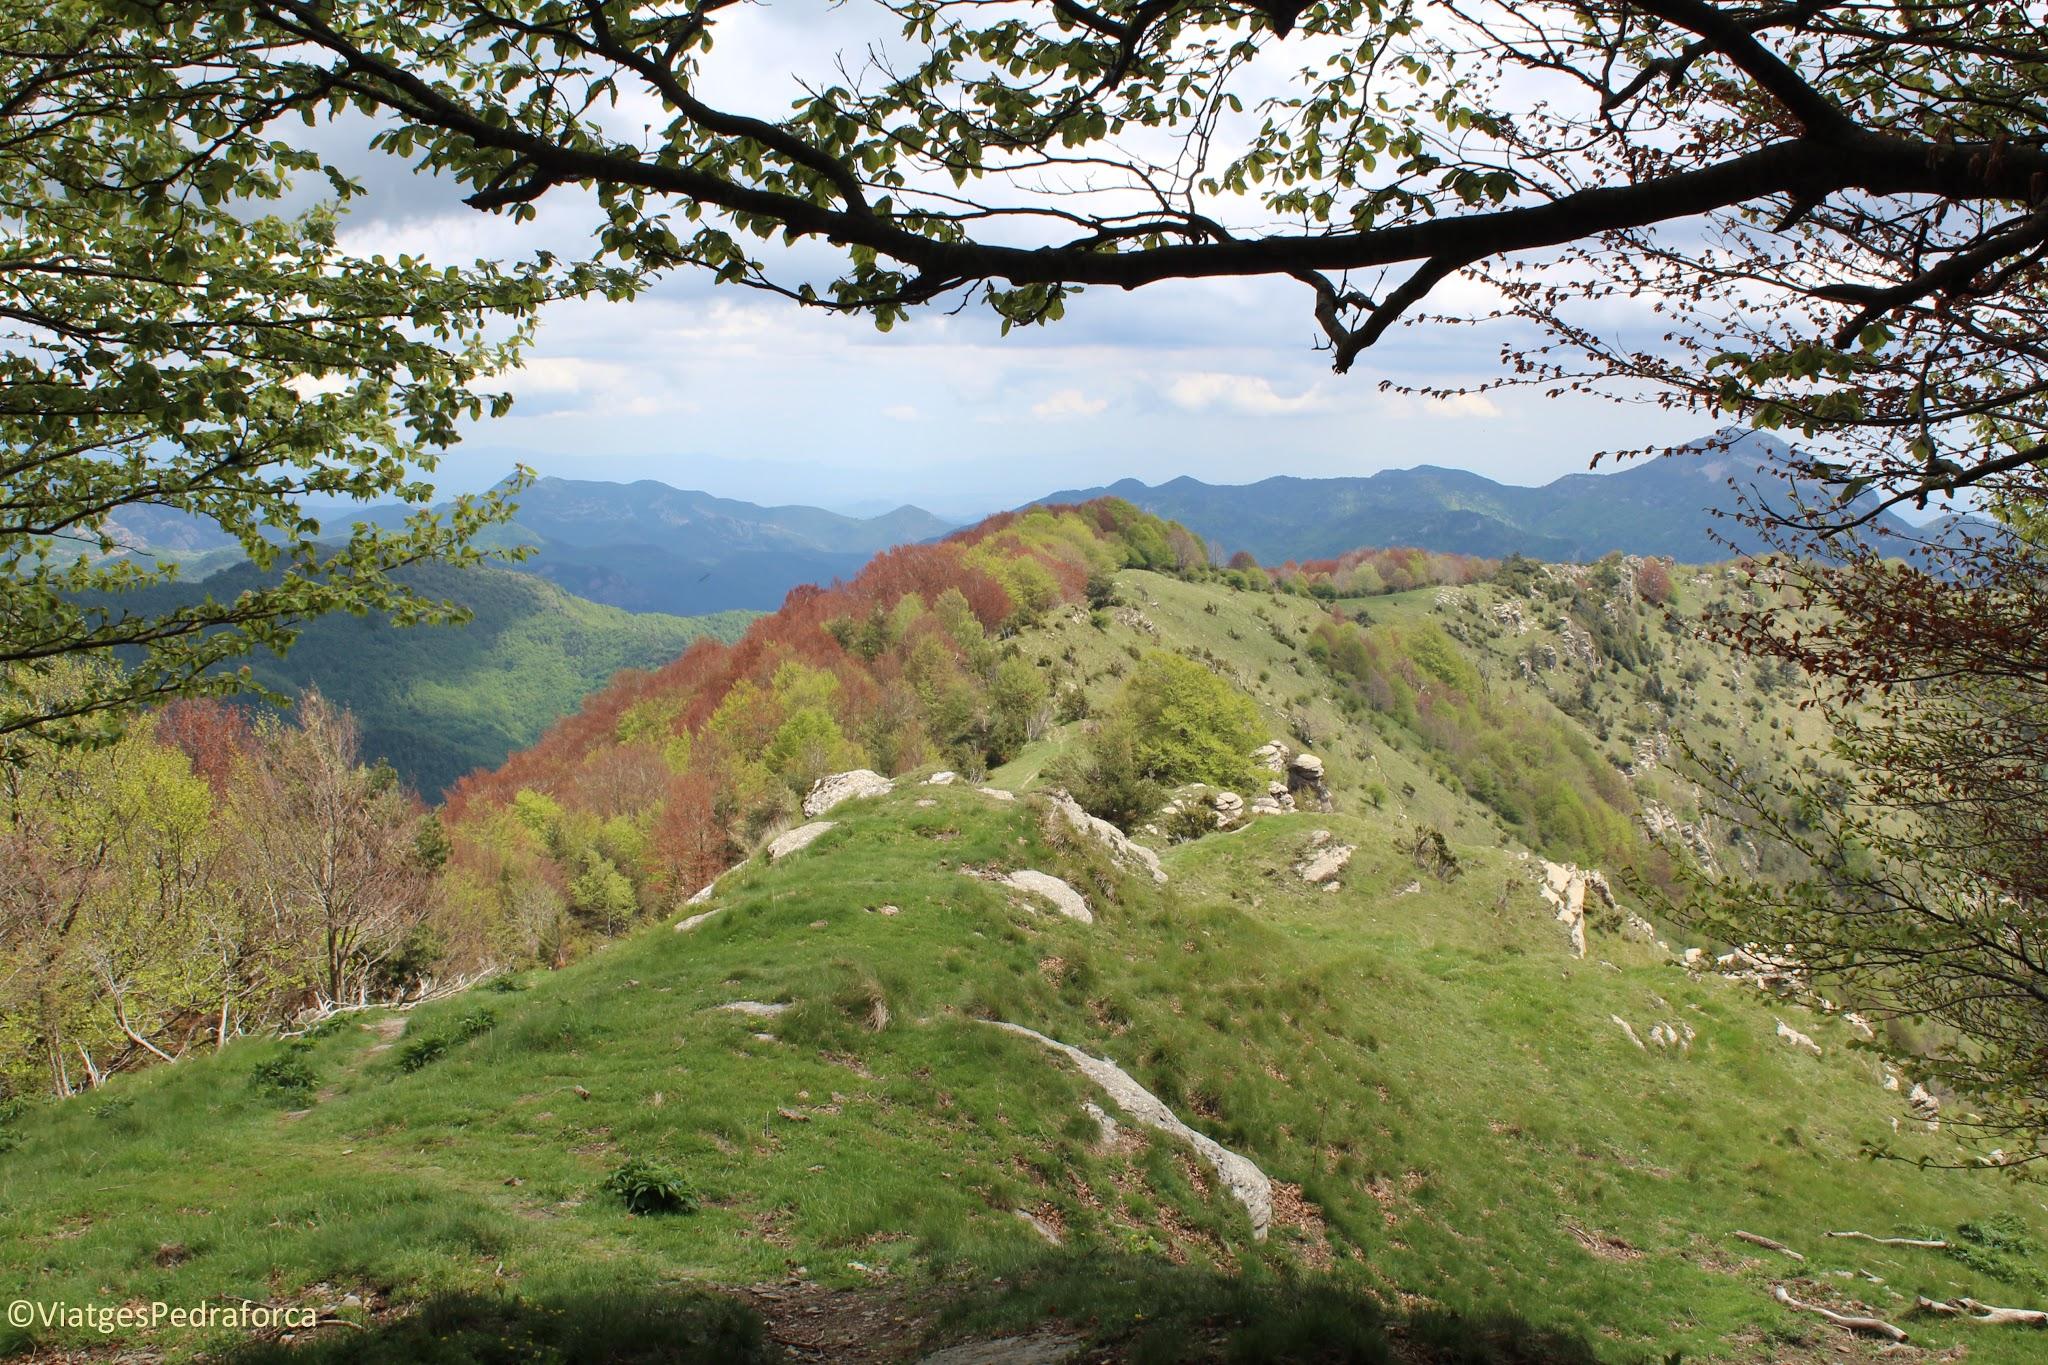 Puig de les Bruixes, natura, ruta senderista, Alta Garrotxa, Montagut i Oix, Girona, Catalunya